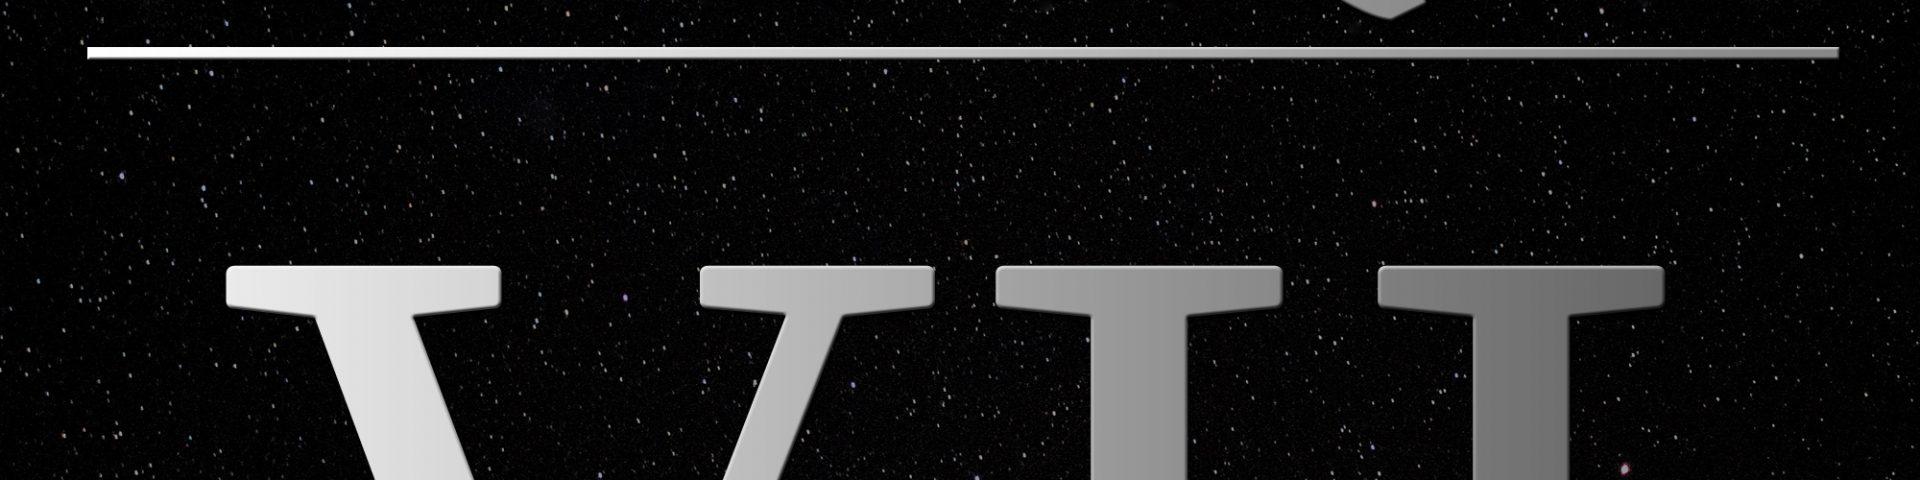 Chroniques galactiques star wars fiction audio EPISODE 7